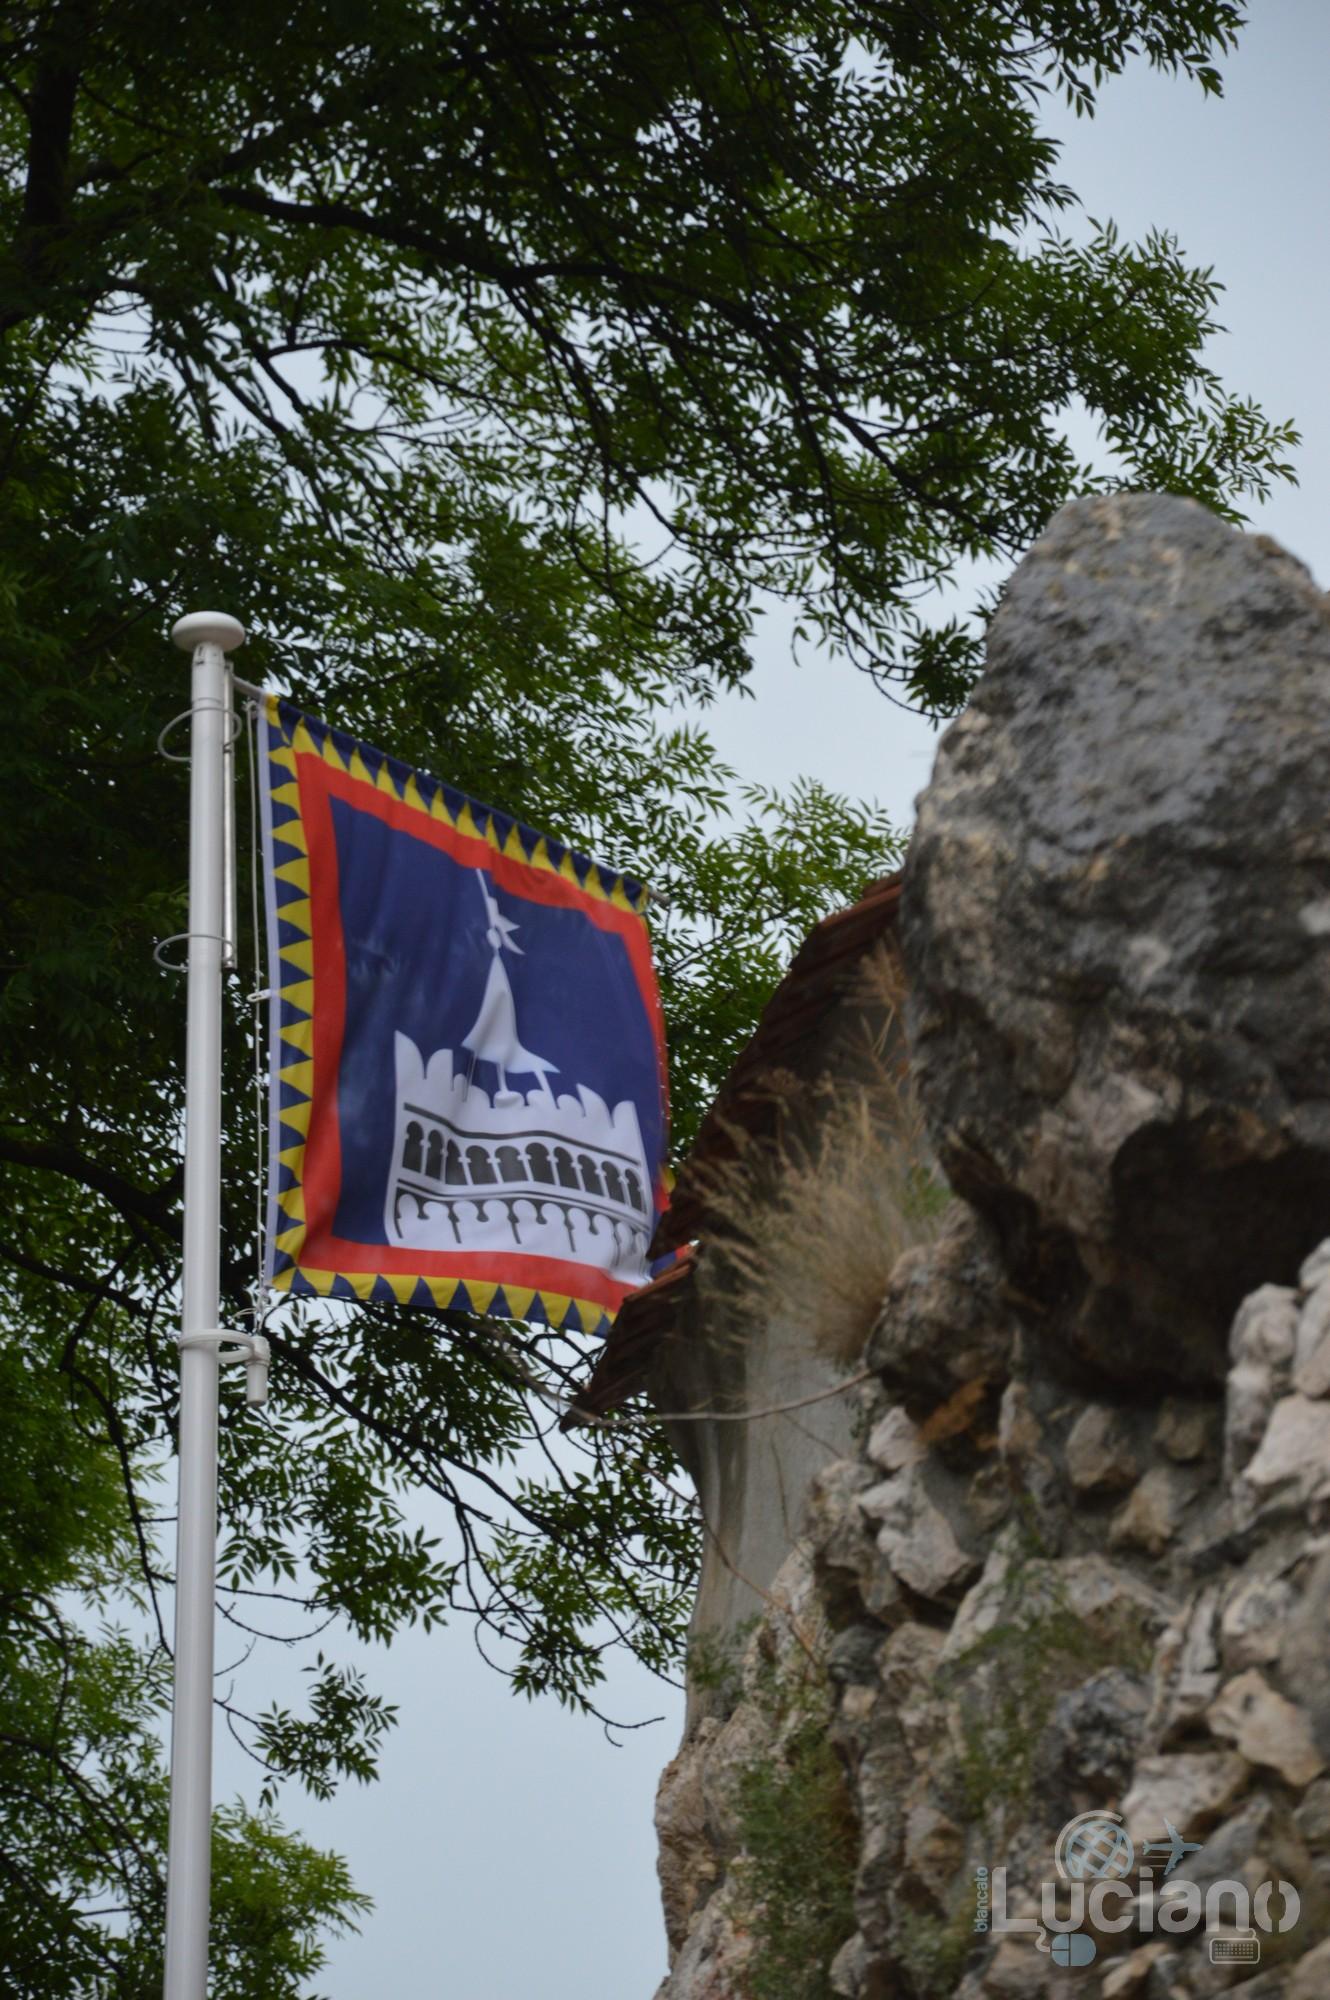 castello-di-dracula-castello-di-bran-luciano-blancato (21)